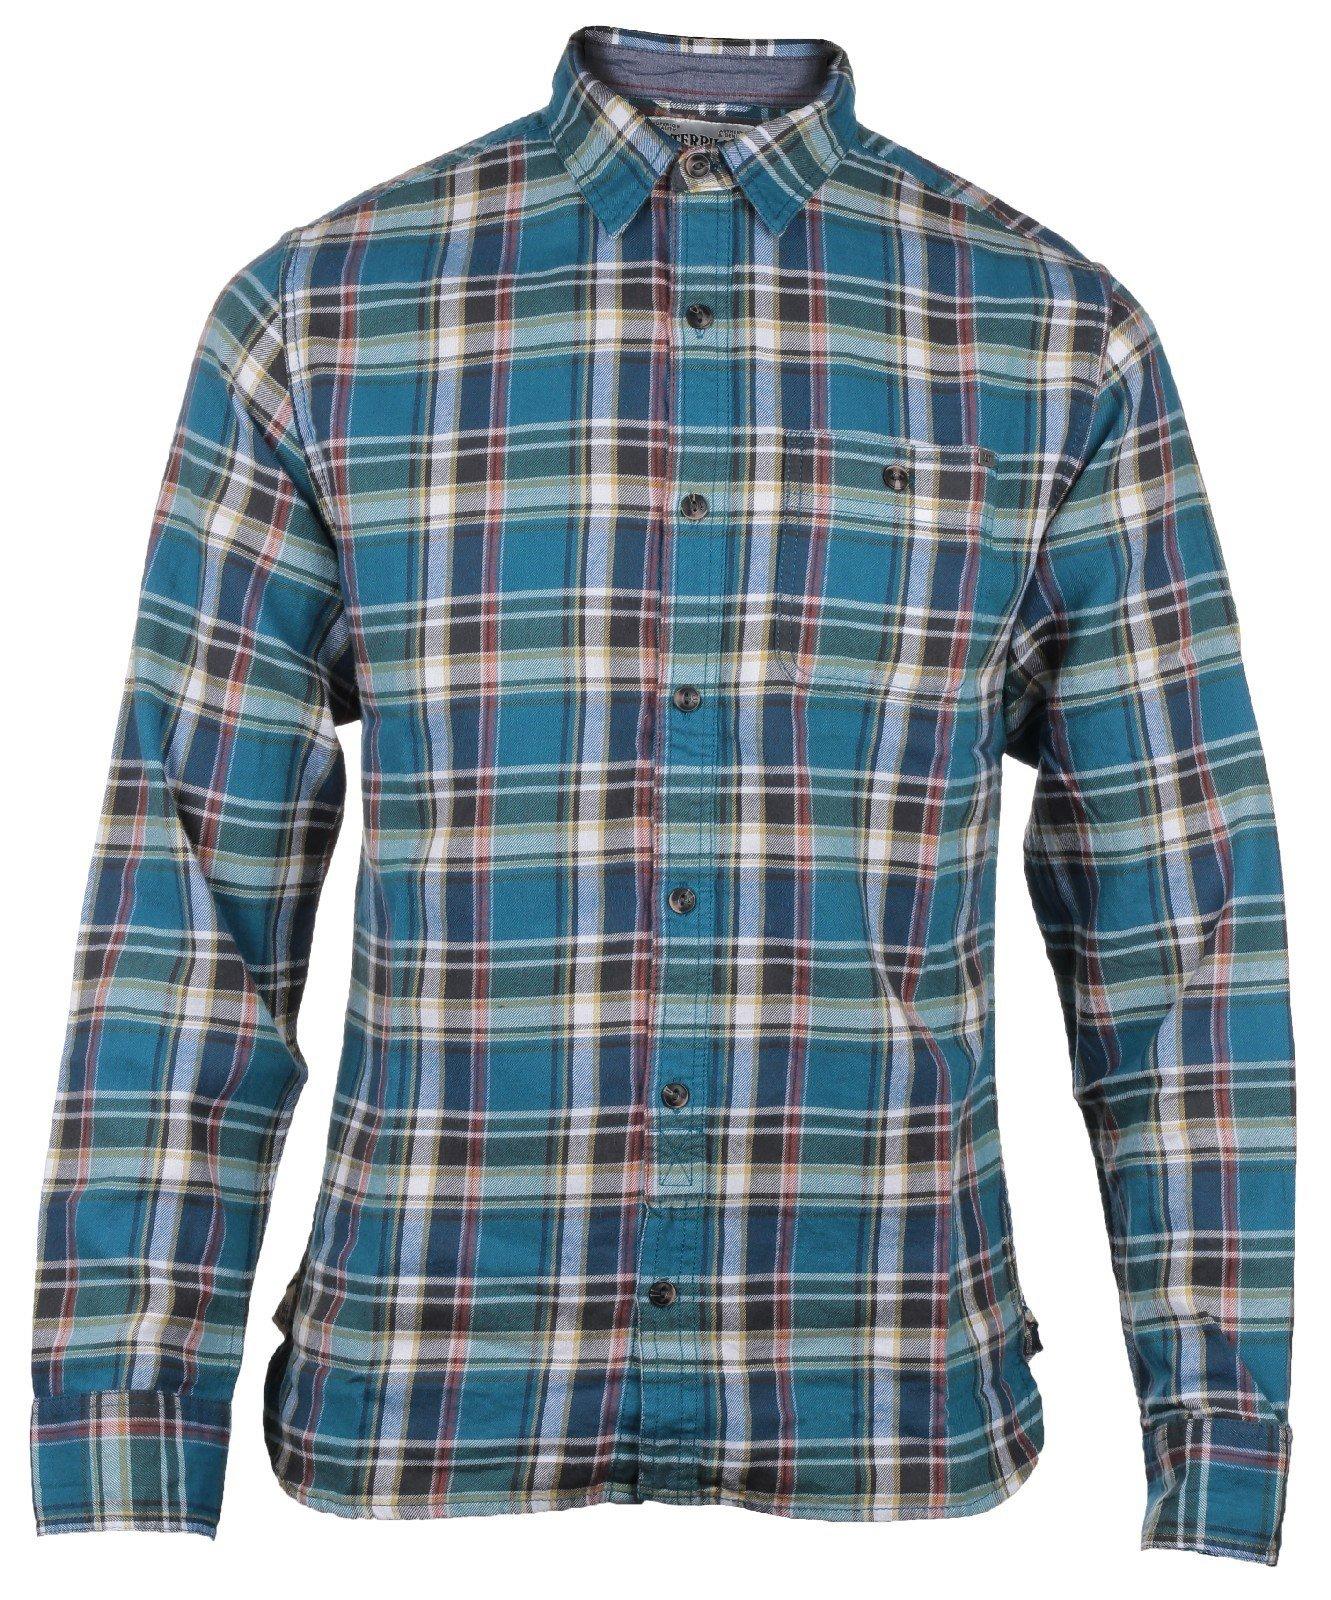 CAT Lifestyle Men's Bradley LS Shirt Various Colours 24138 - Park Sml